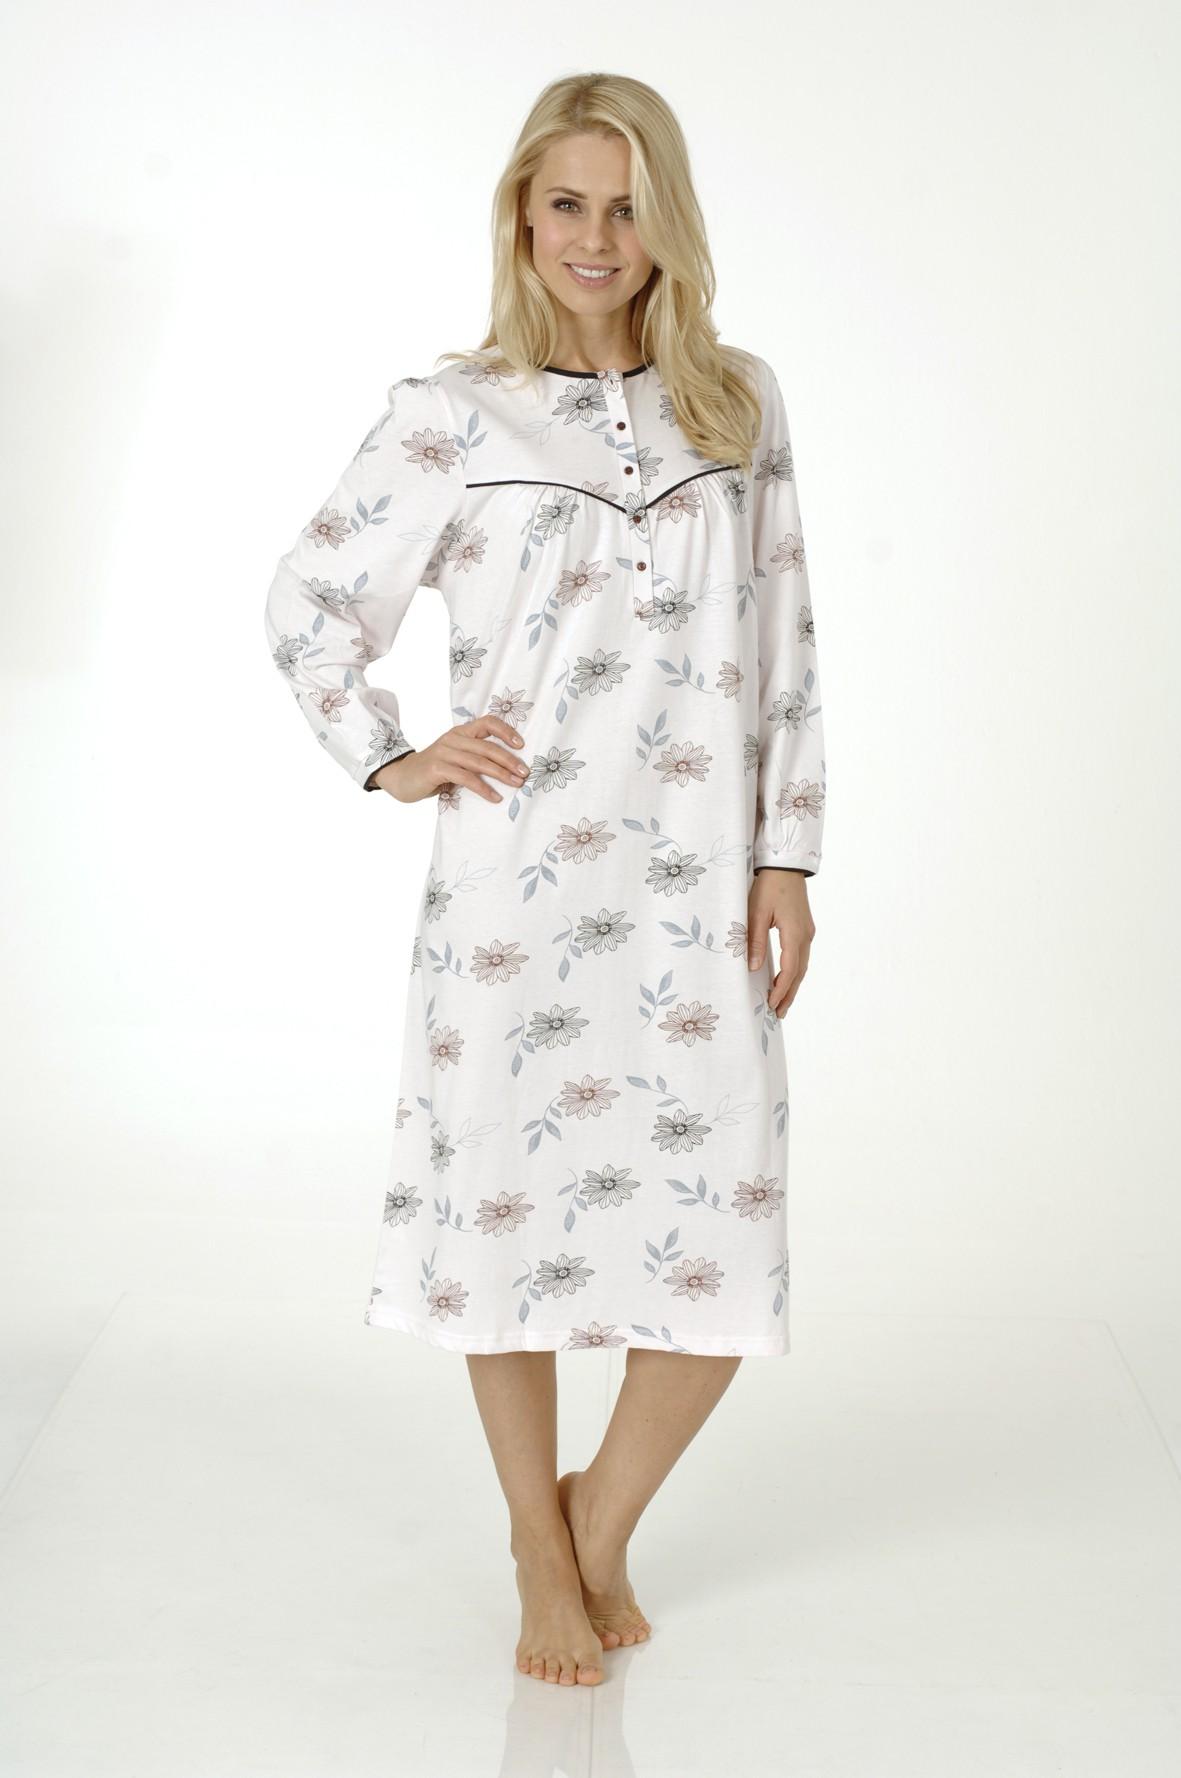 Damen Nachthemd fraulich, langarm, 210 90 542 – Bild 1